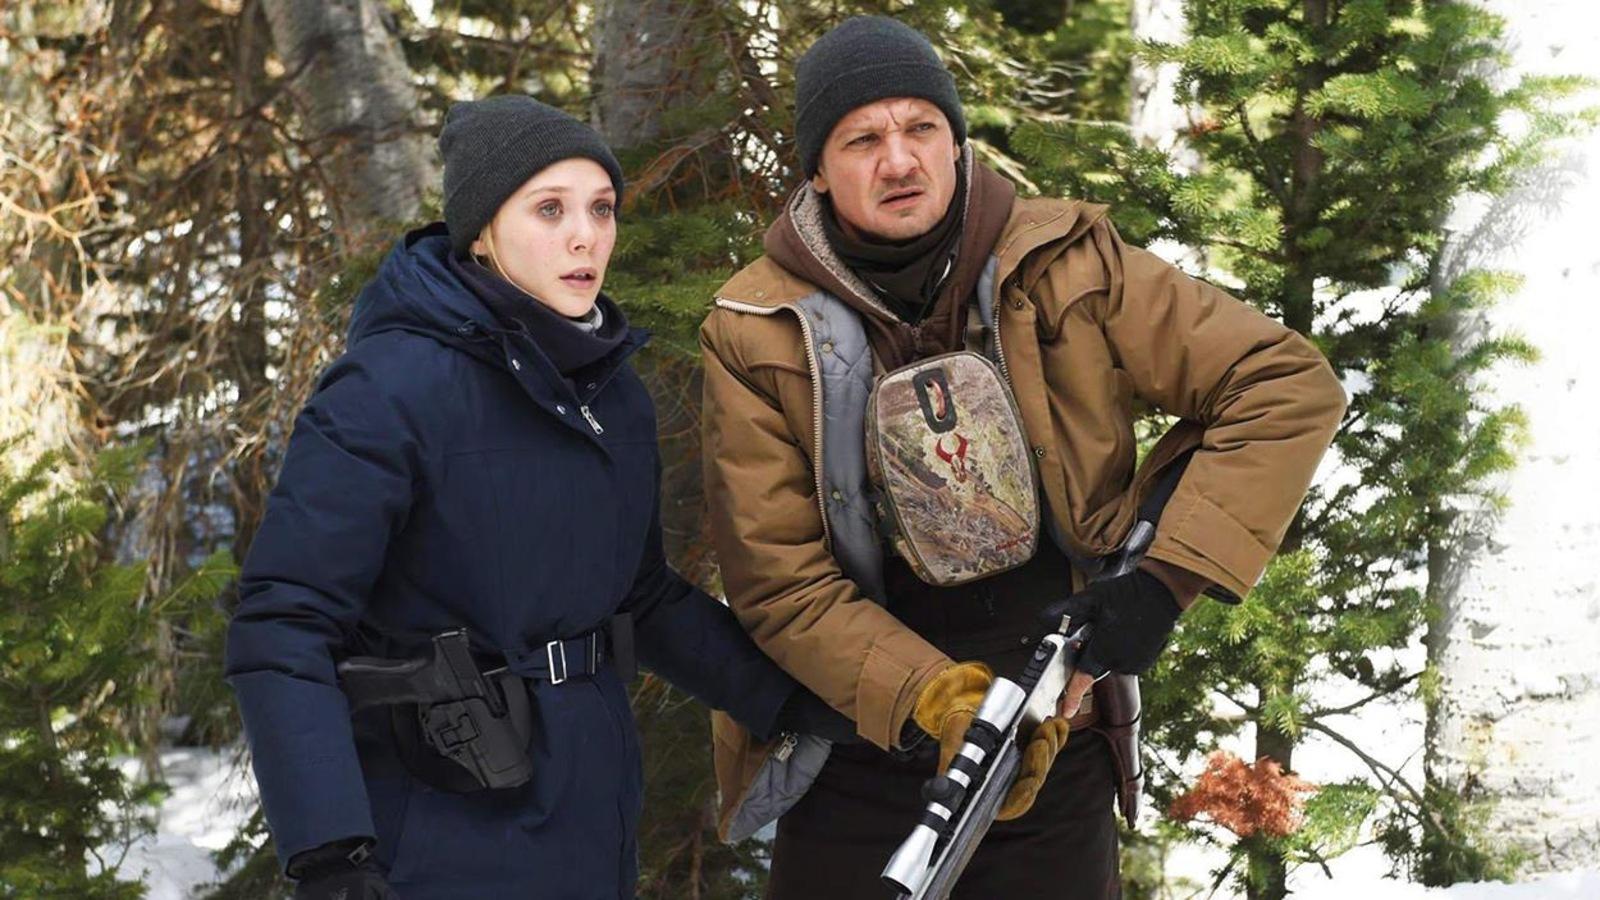 Une femme et un homme, armés, en tenues d'hiver, dans une forêt.